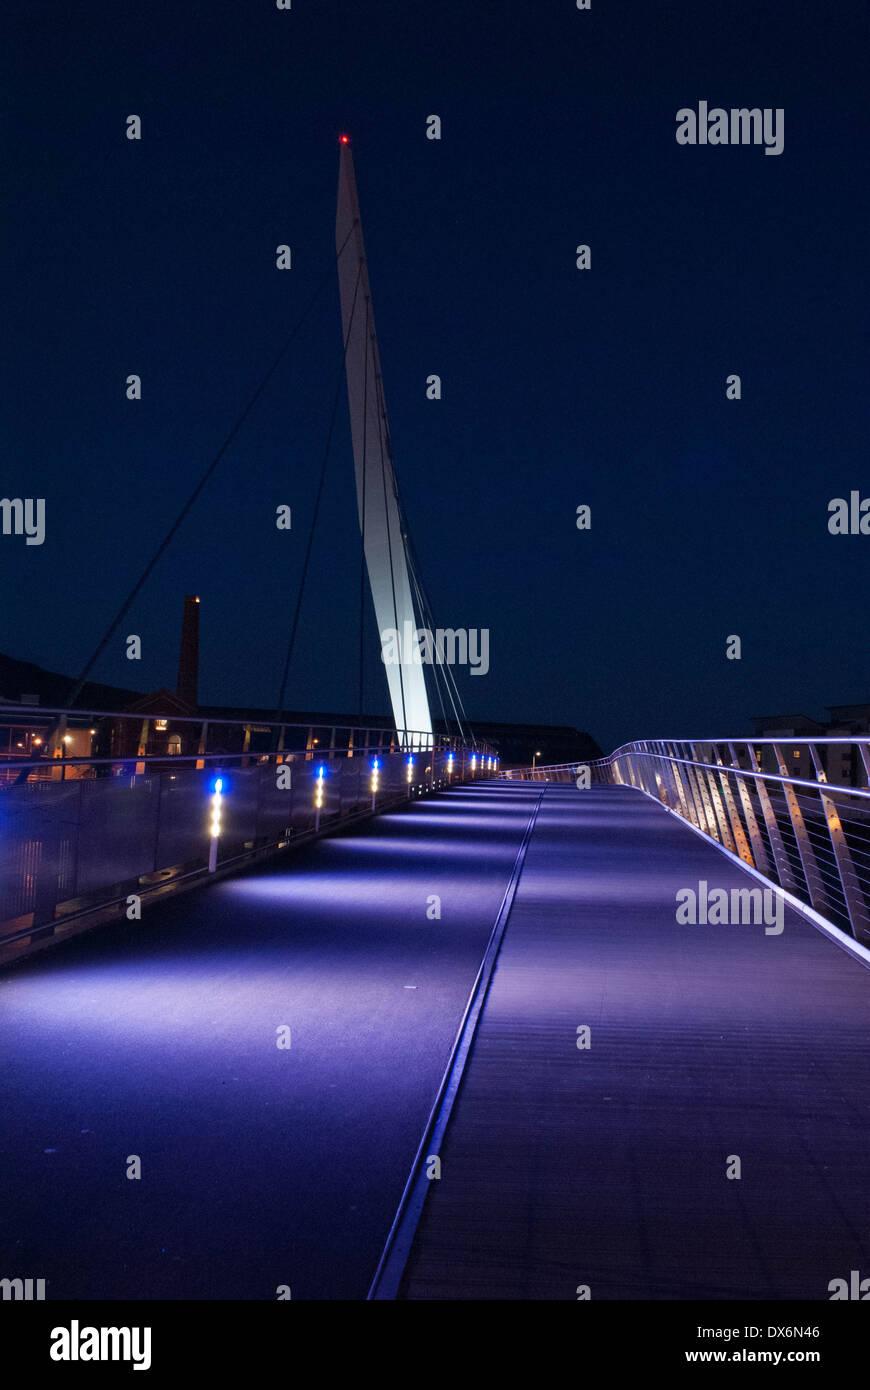 Sa1 Bridge - Stock Image